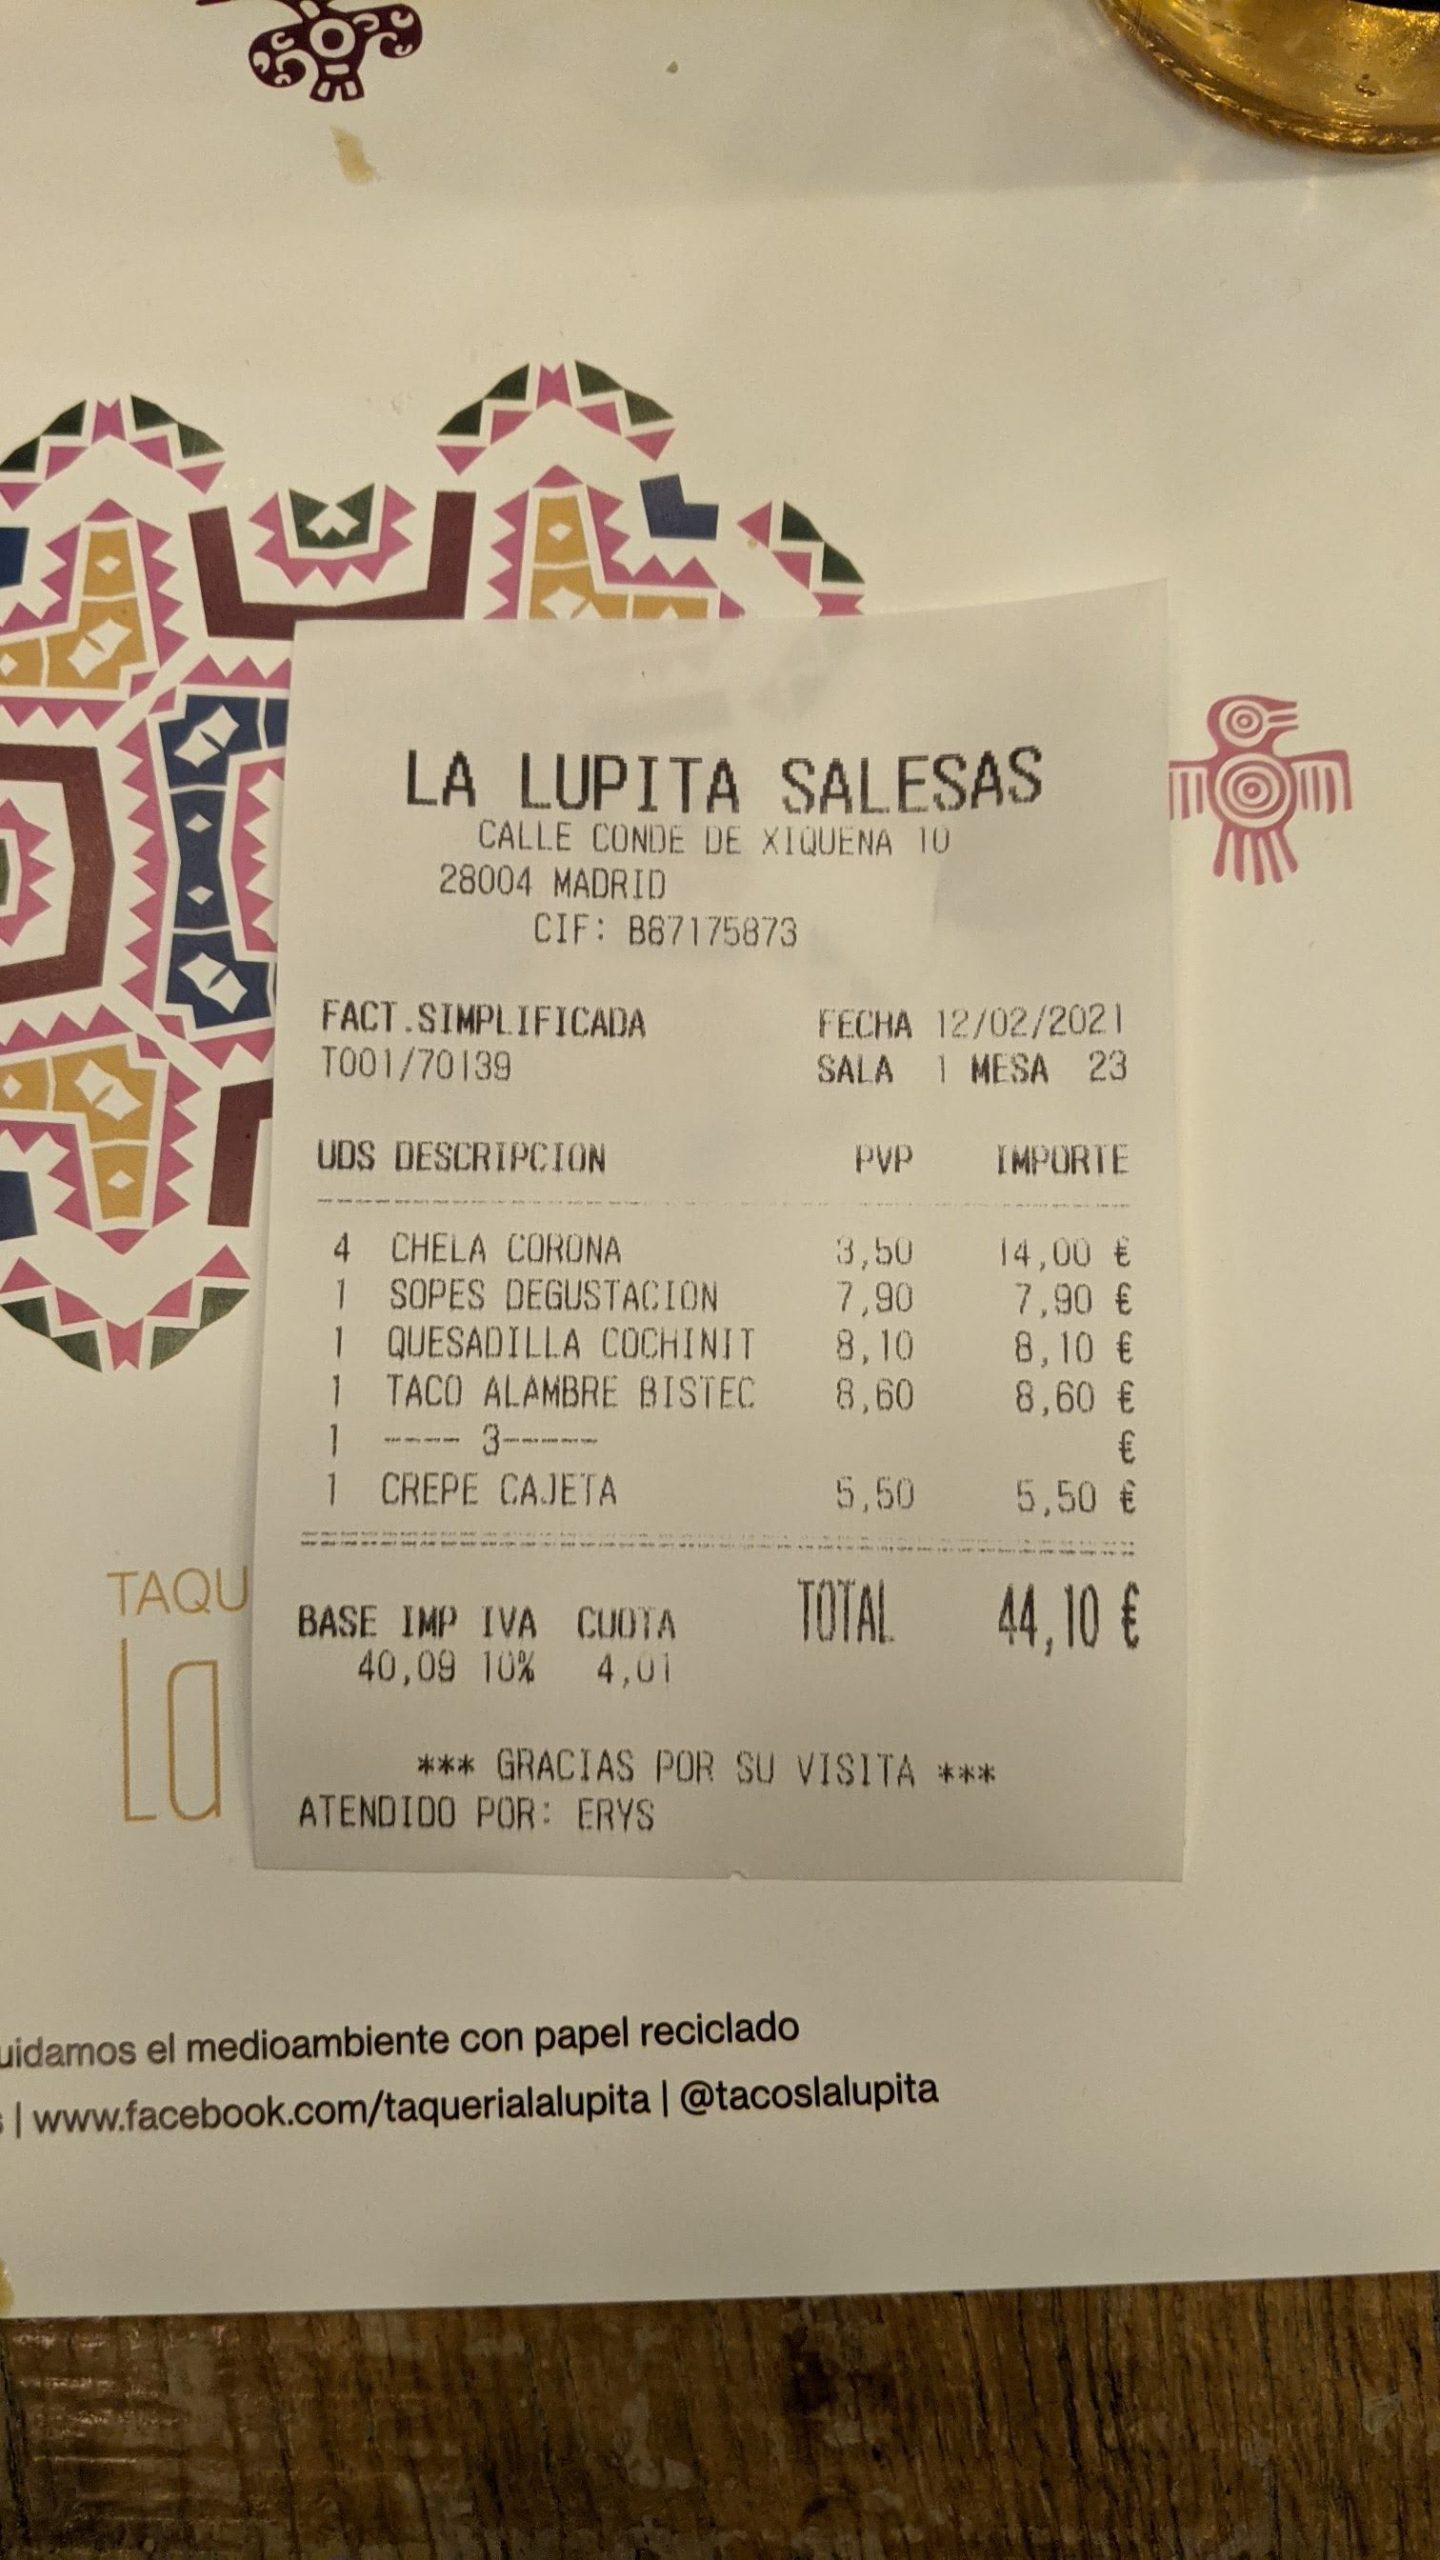 La Lupita (Conde de Xiquena, Madrid)